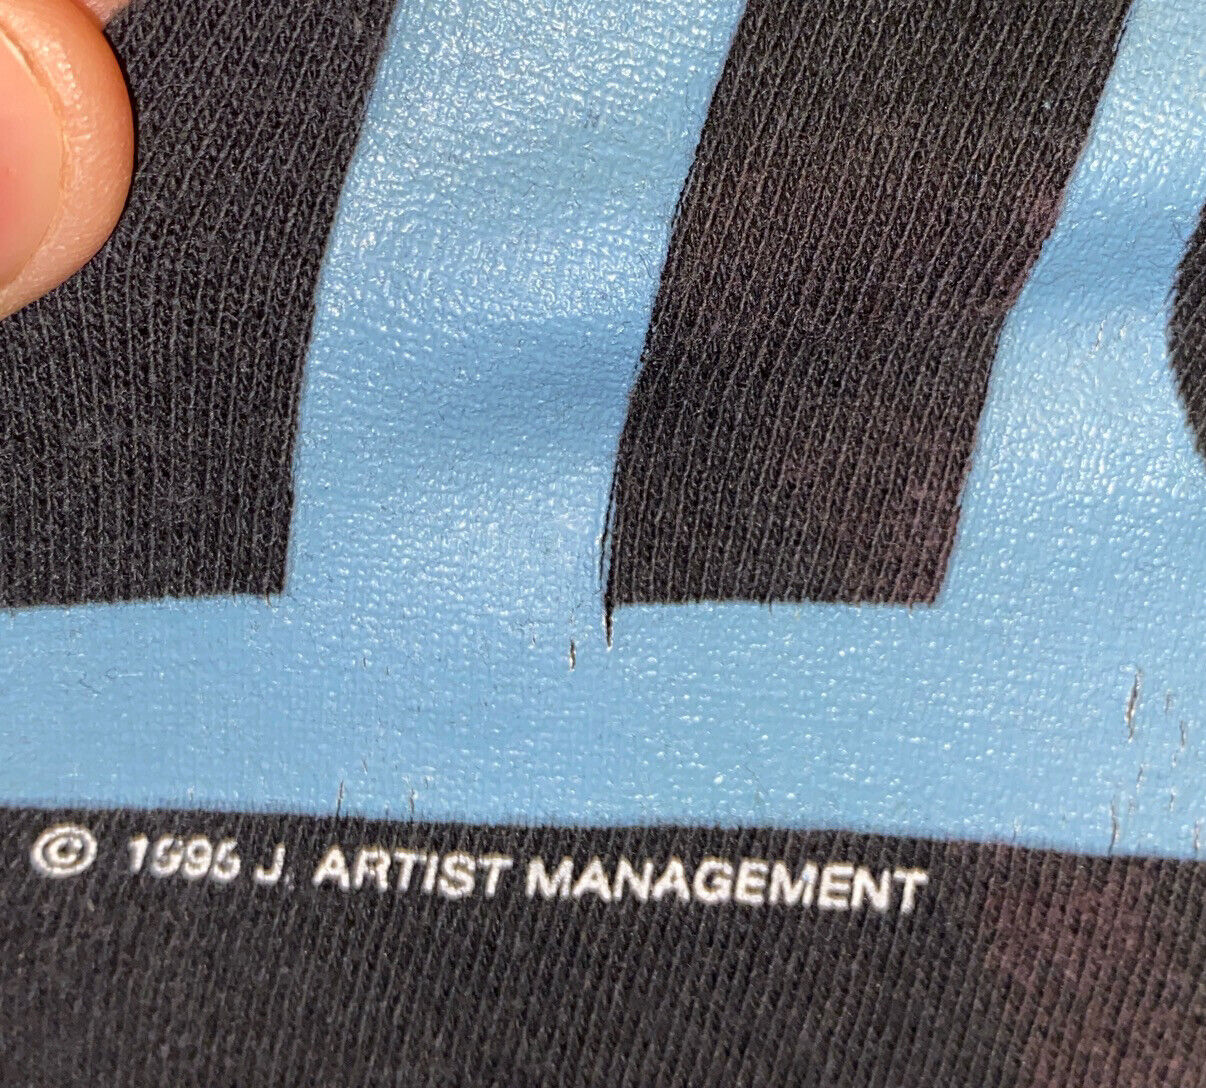 Nine Inch Nails Vintage T Shirt 90's 1996 Concert… - image 3